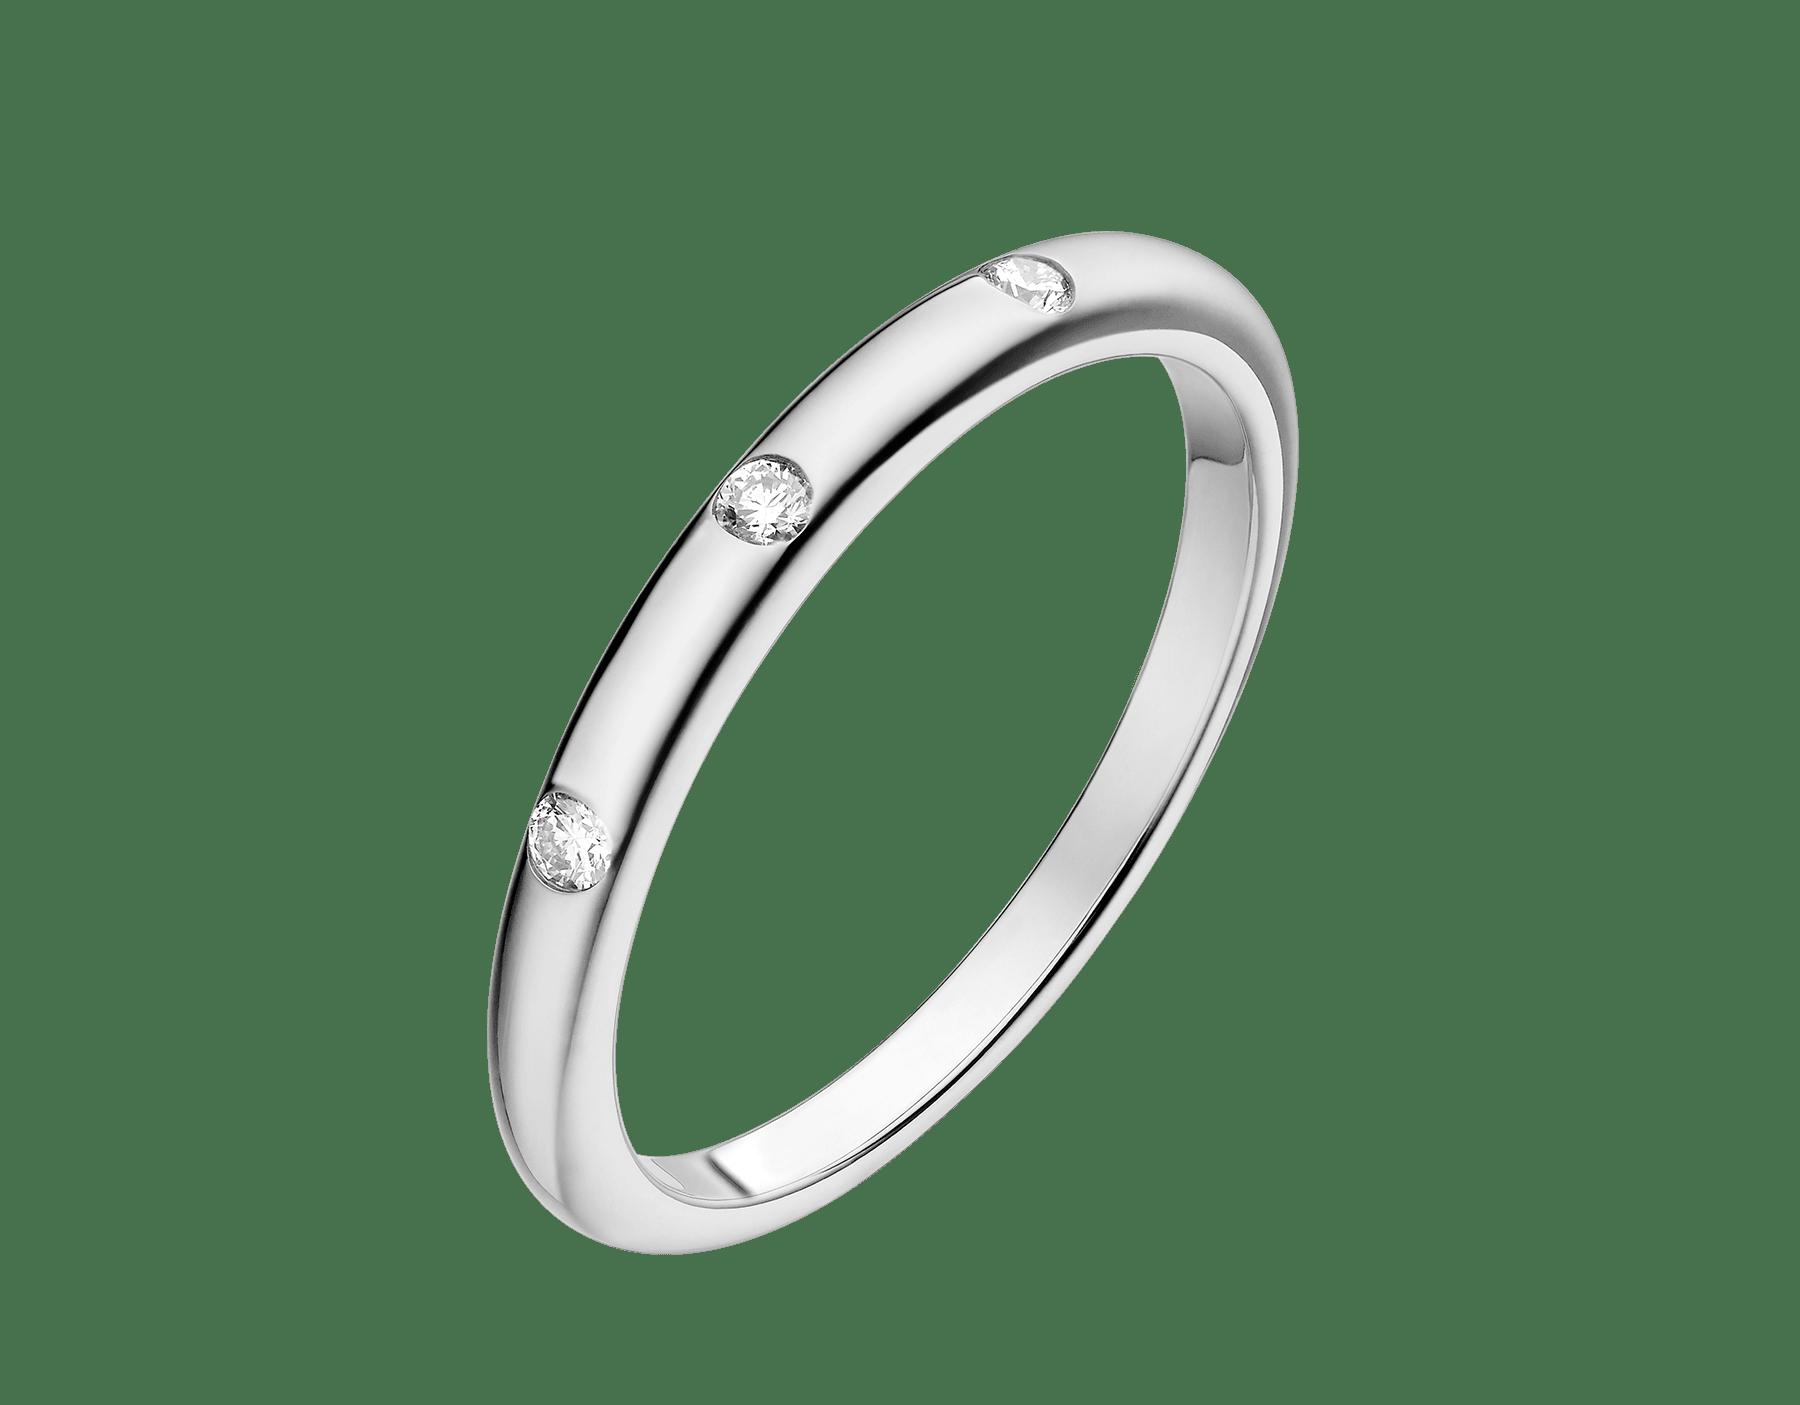 Aliança de casamento Fedi em platina cravejada com três diamantes AN857433 image 1